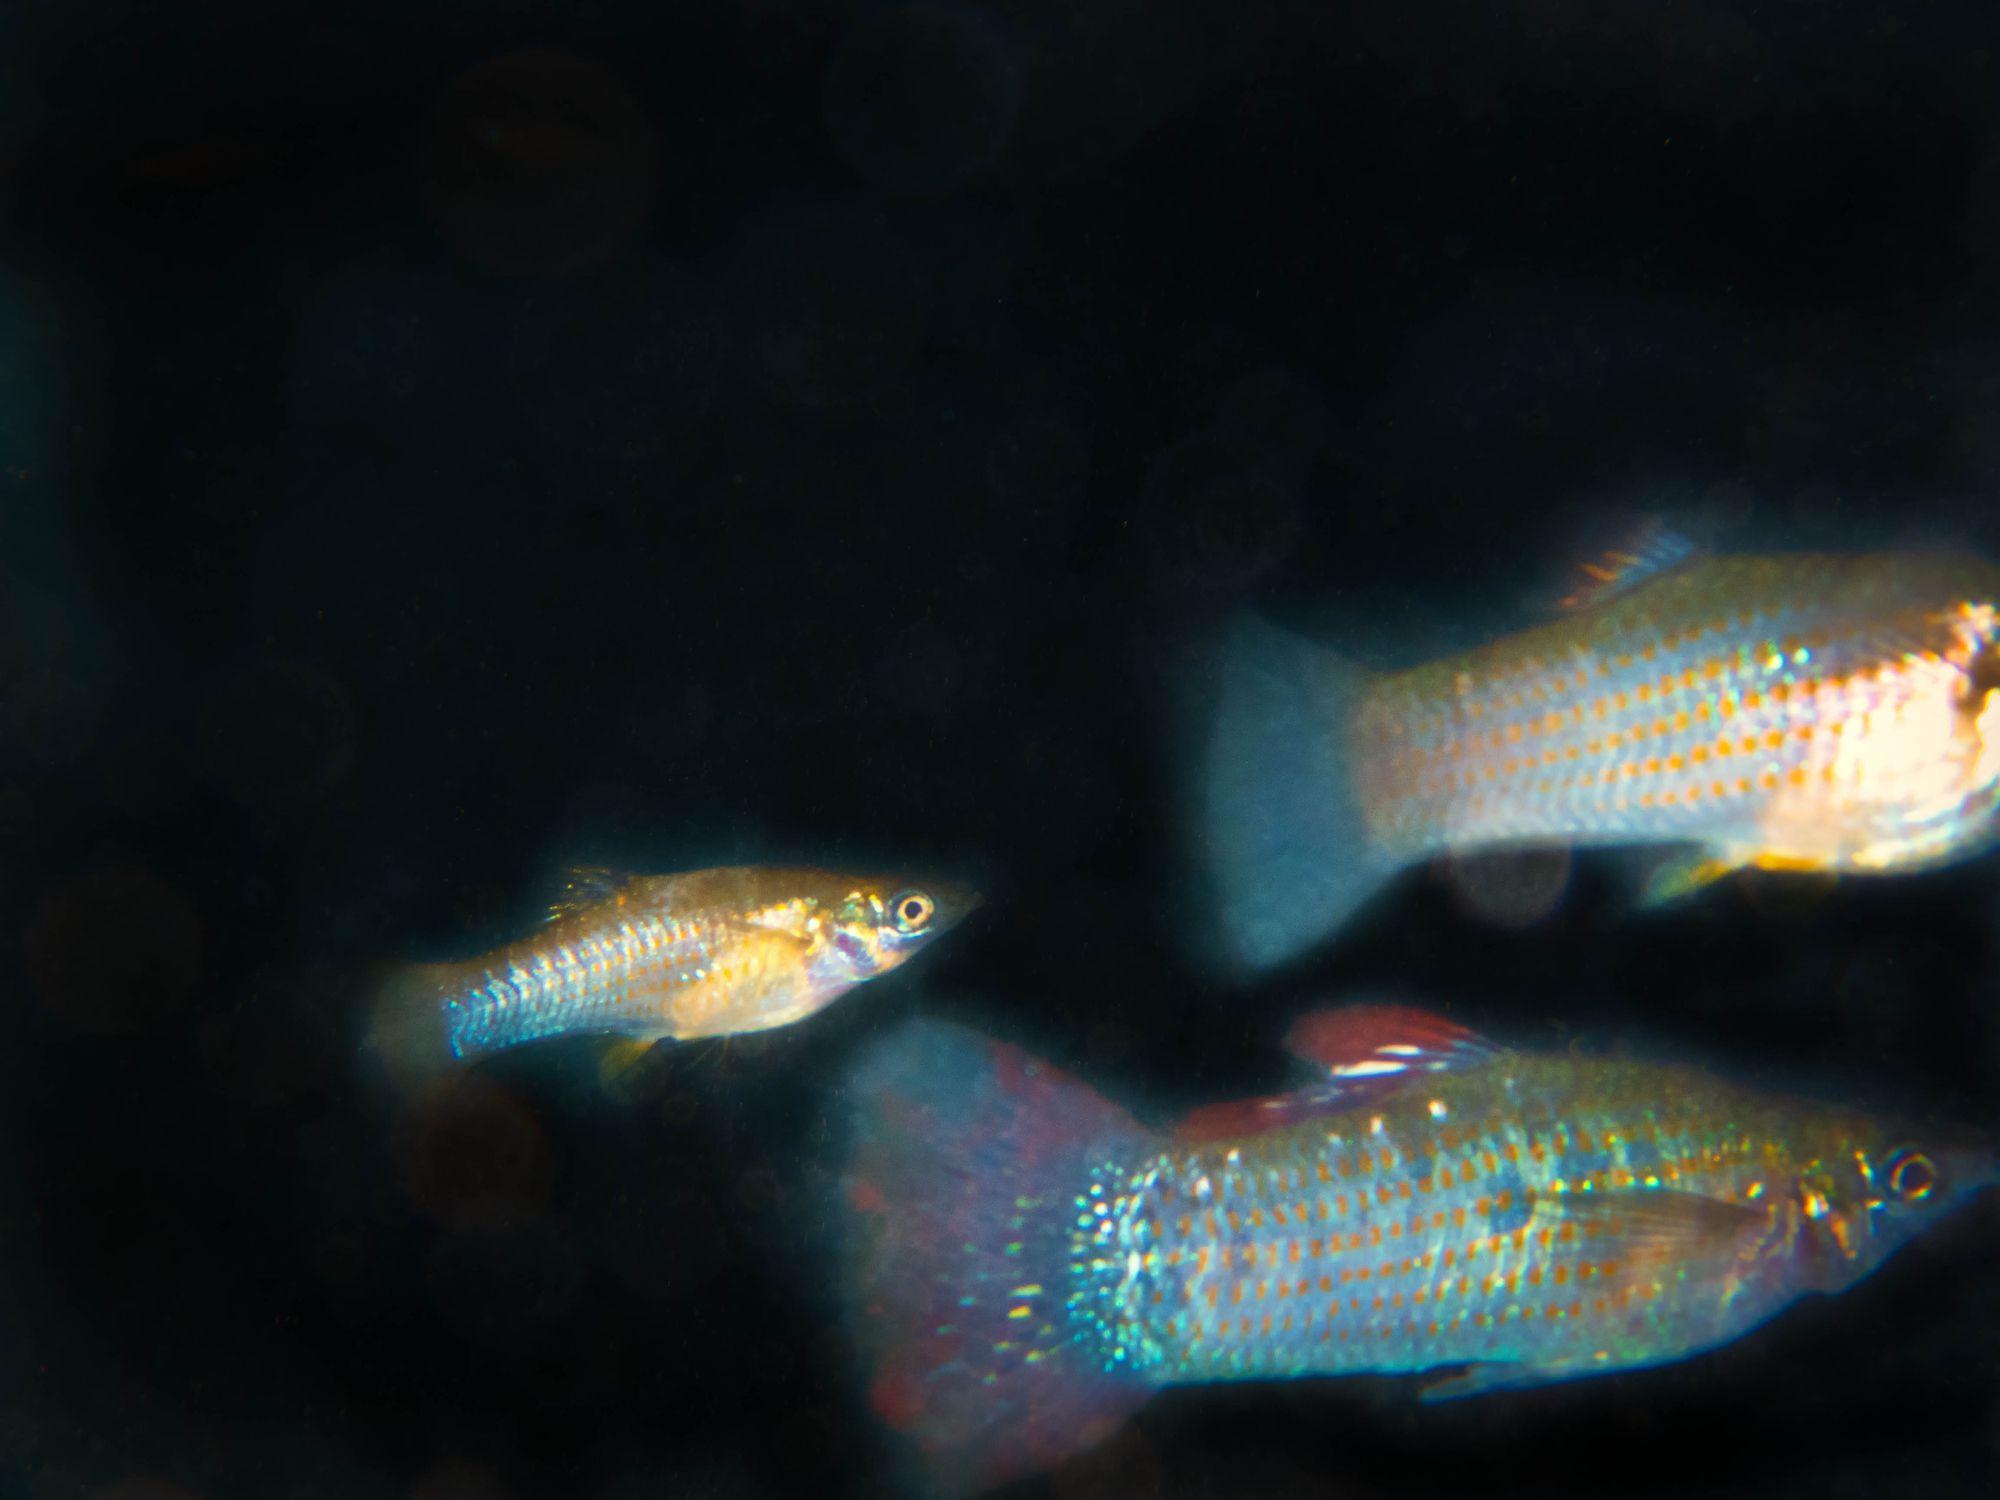 Molly fish in a cenote in Mexico